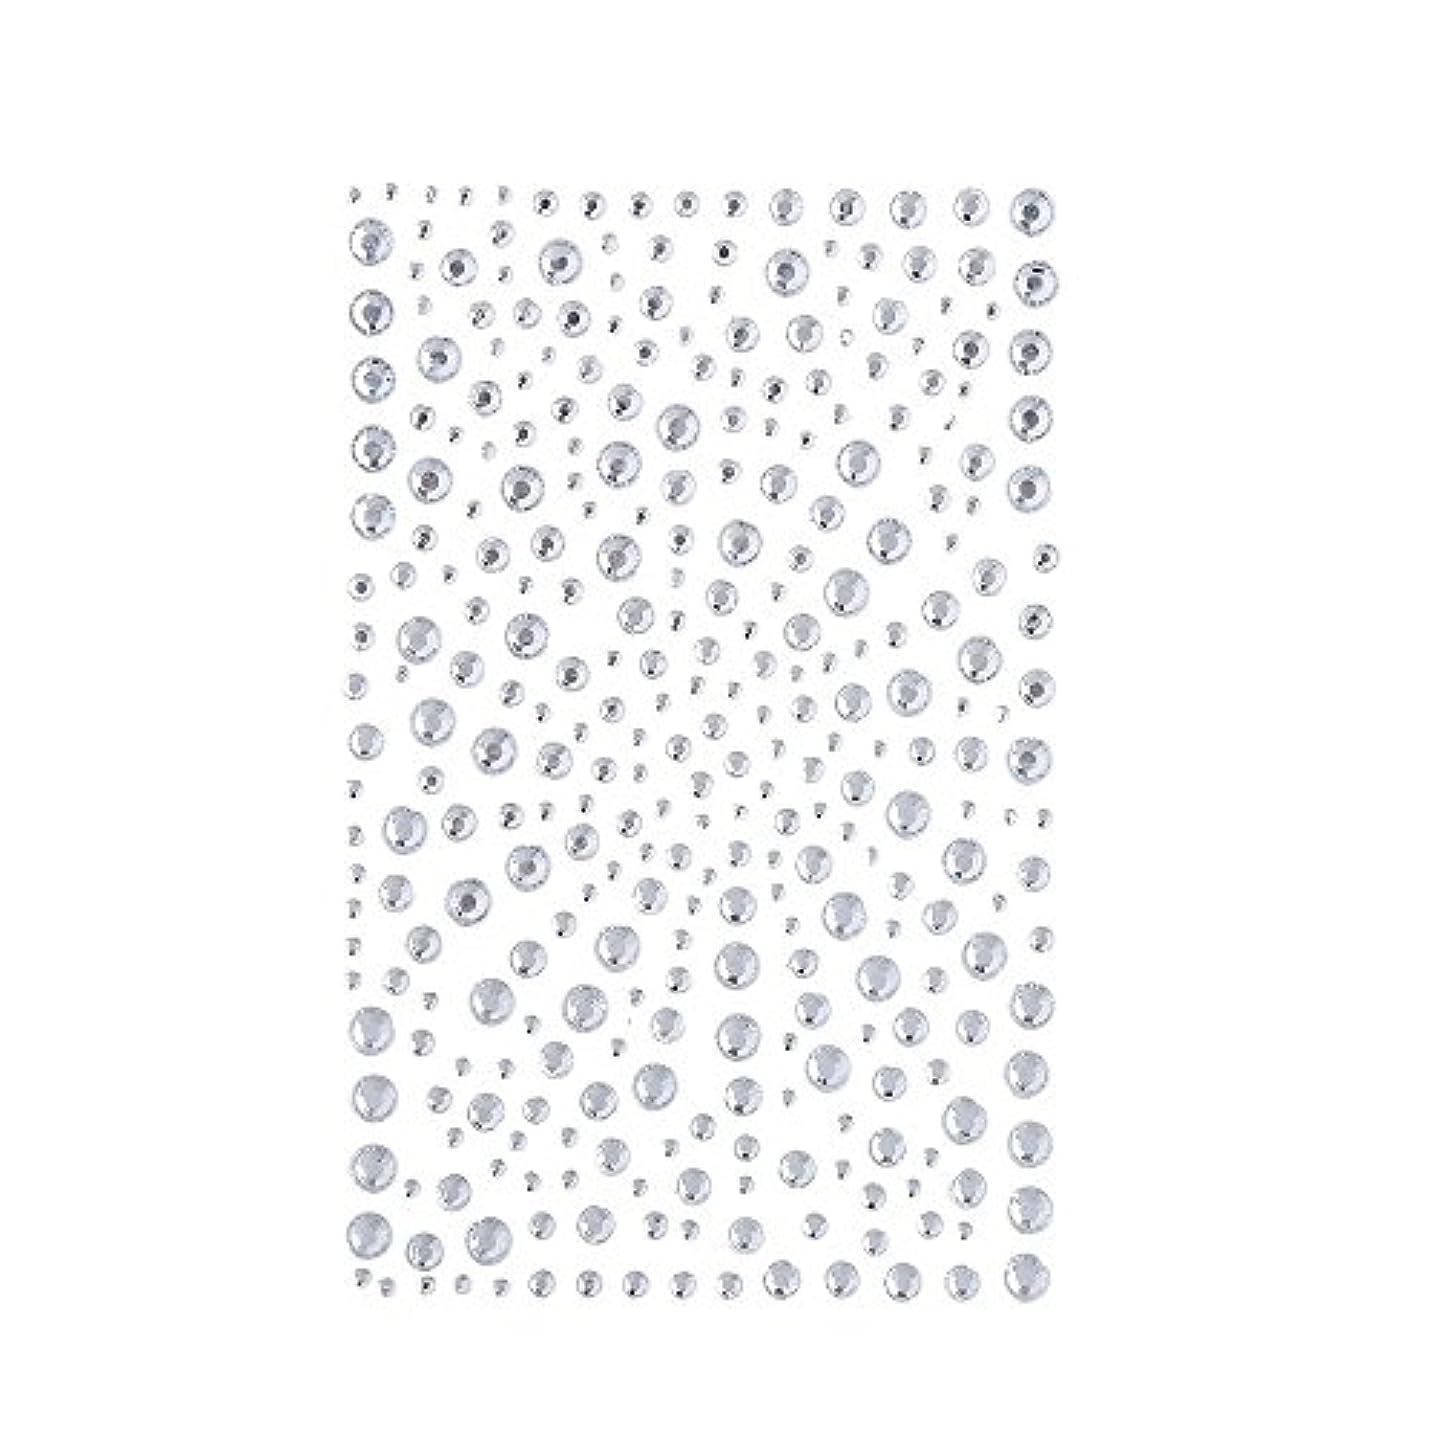 スクラップ驚かすバズラインストーン 人工ダイヤモンド スワロフスキー ホットフィックス 325粒 (白)